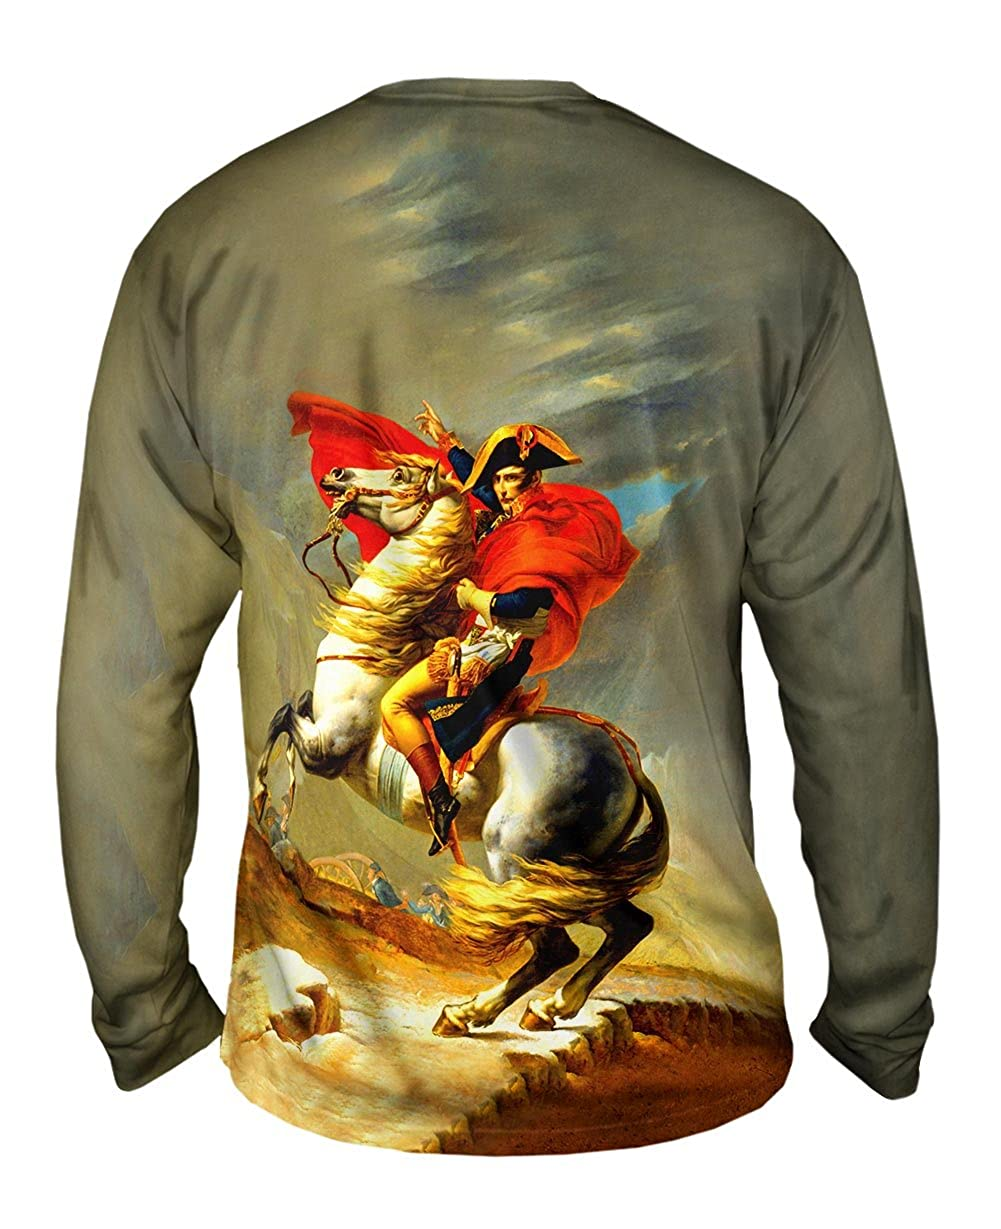 Bonaparte fra Yizzam Mens Long Sleeve 2610 Jacques-Louis David